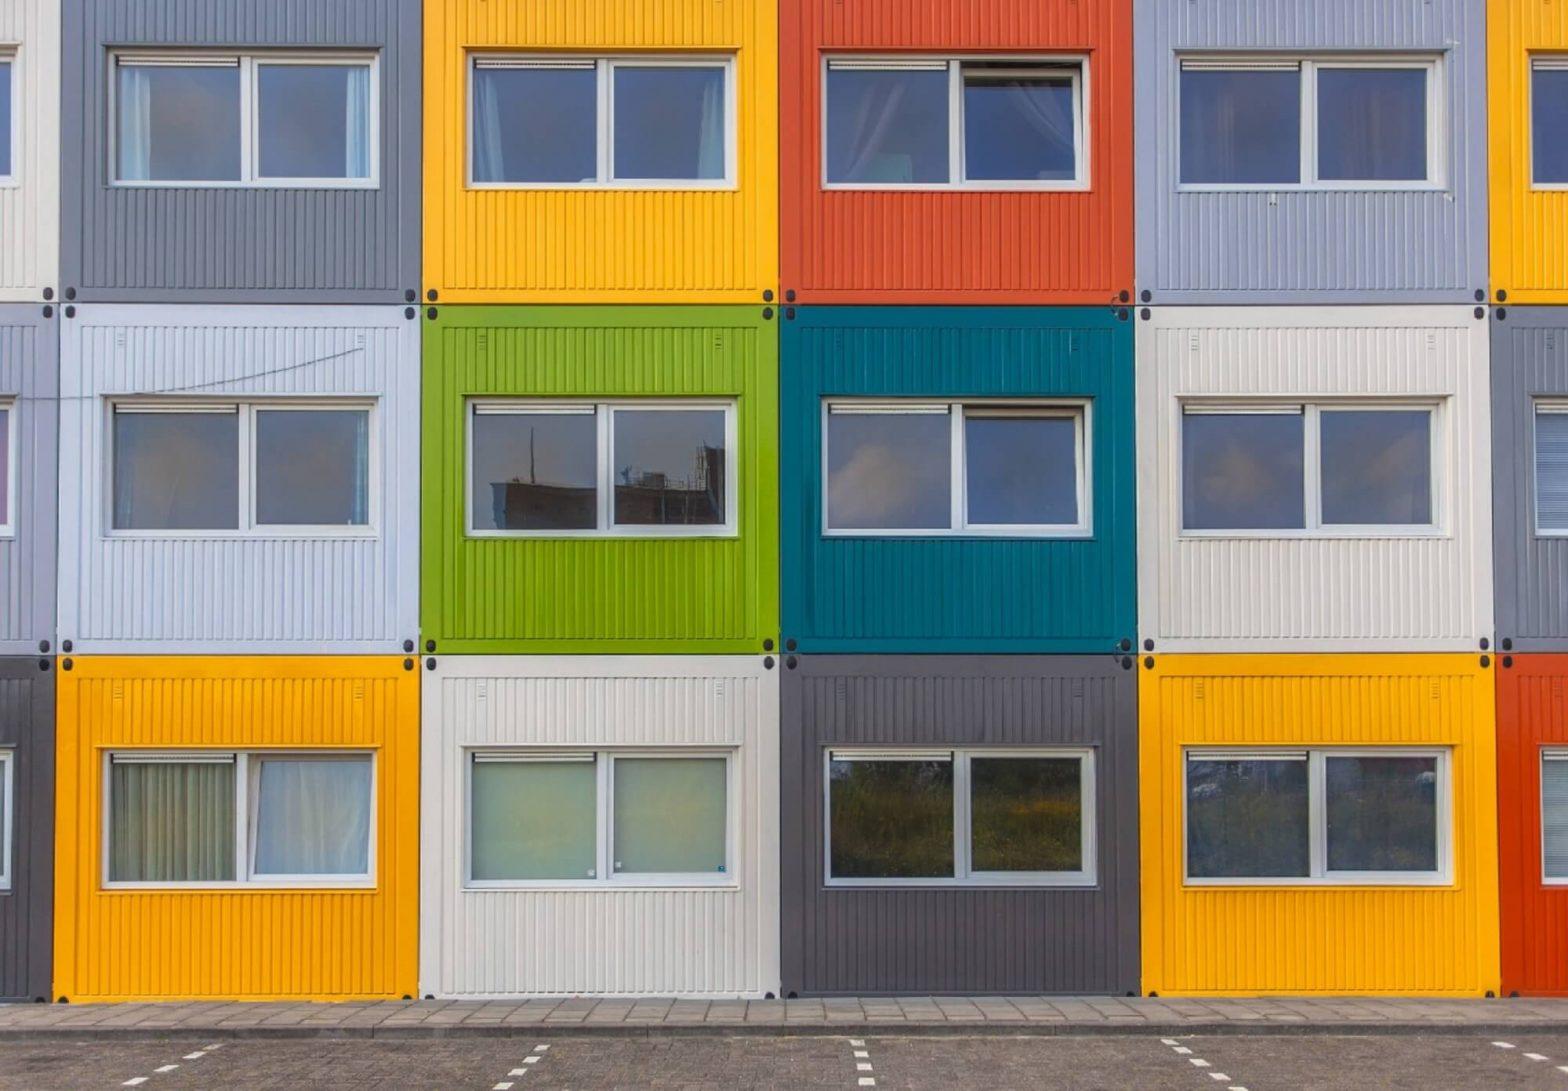 How to Compare Apartments — Apartment Comparison Checklist